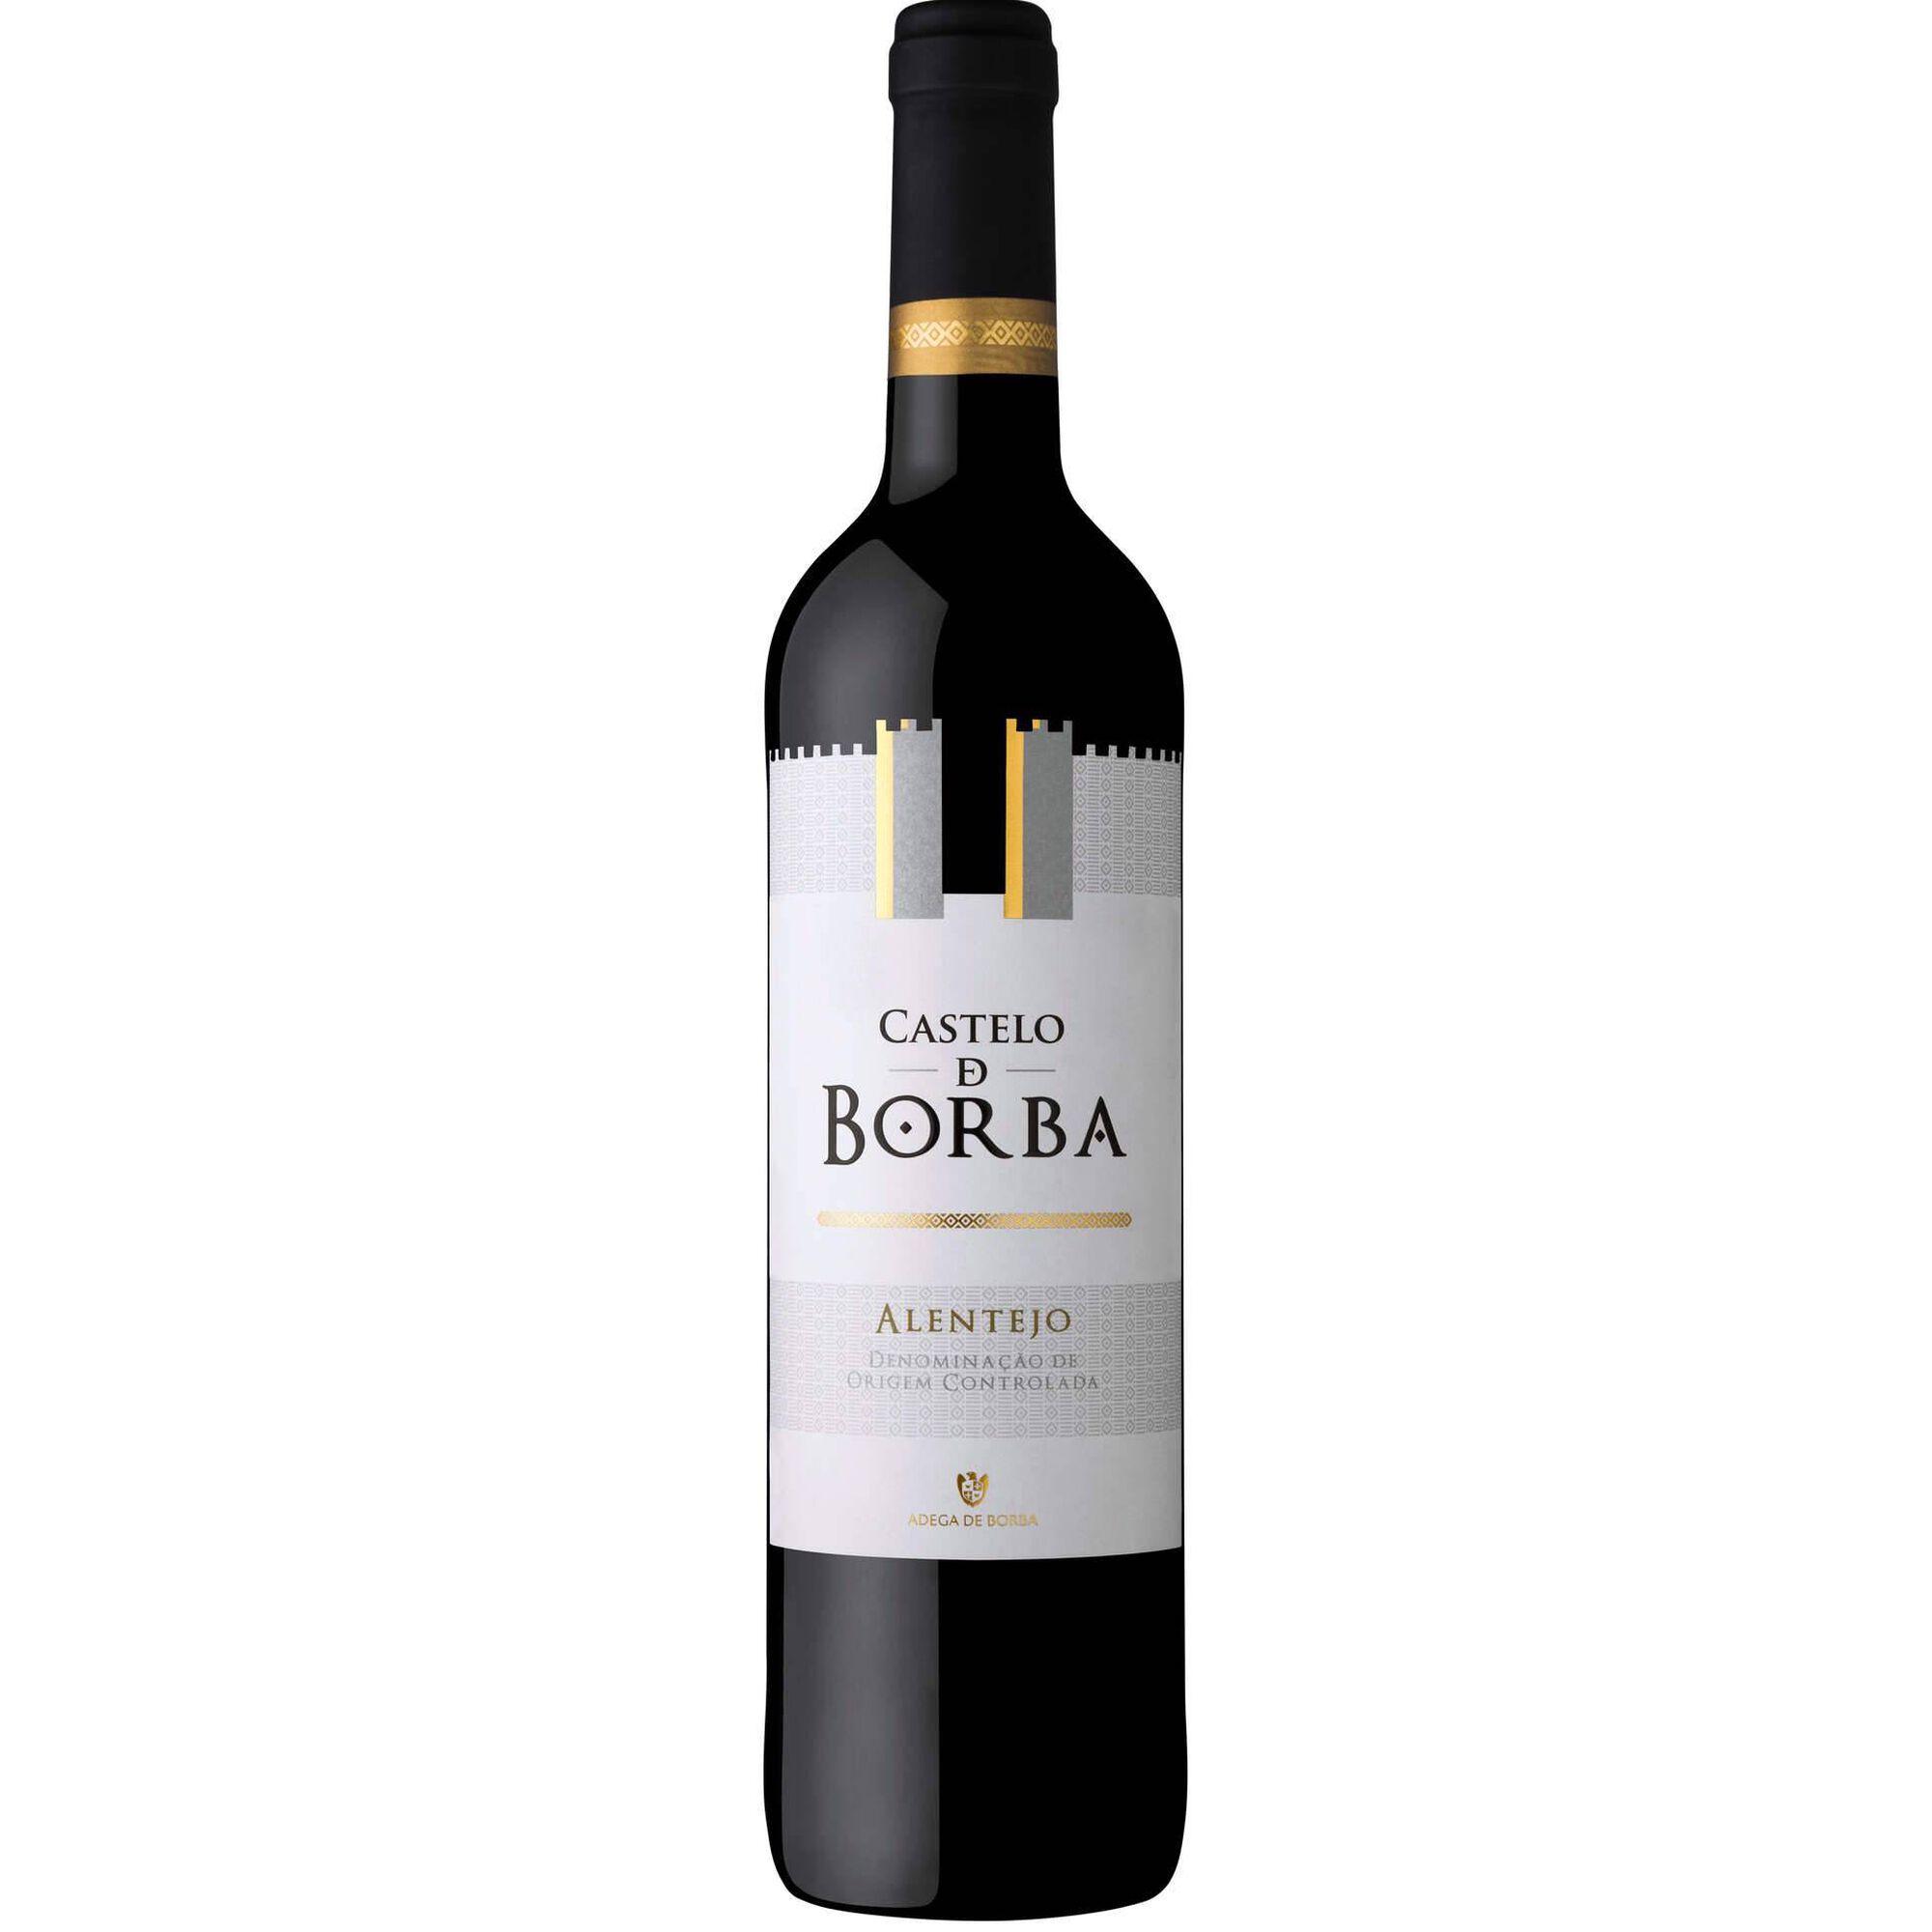 Castelo de Borba DOC Alentejo Vinho Tinto